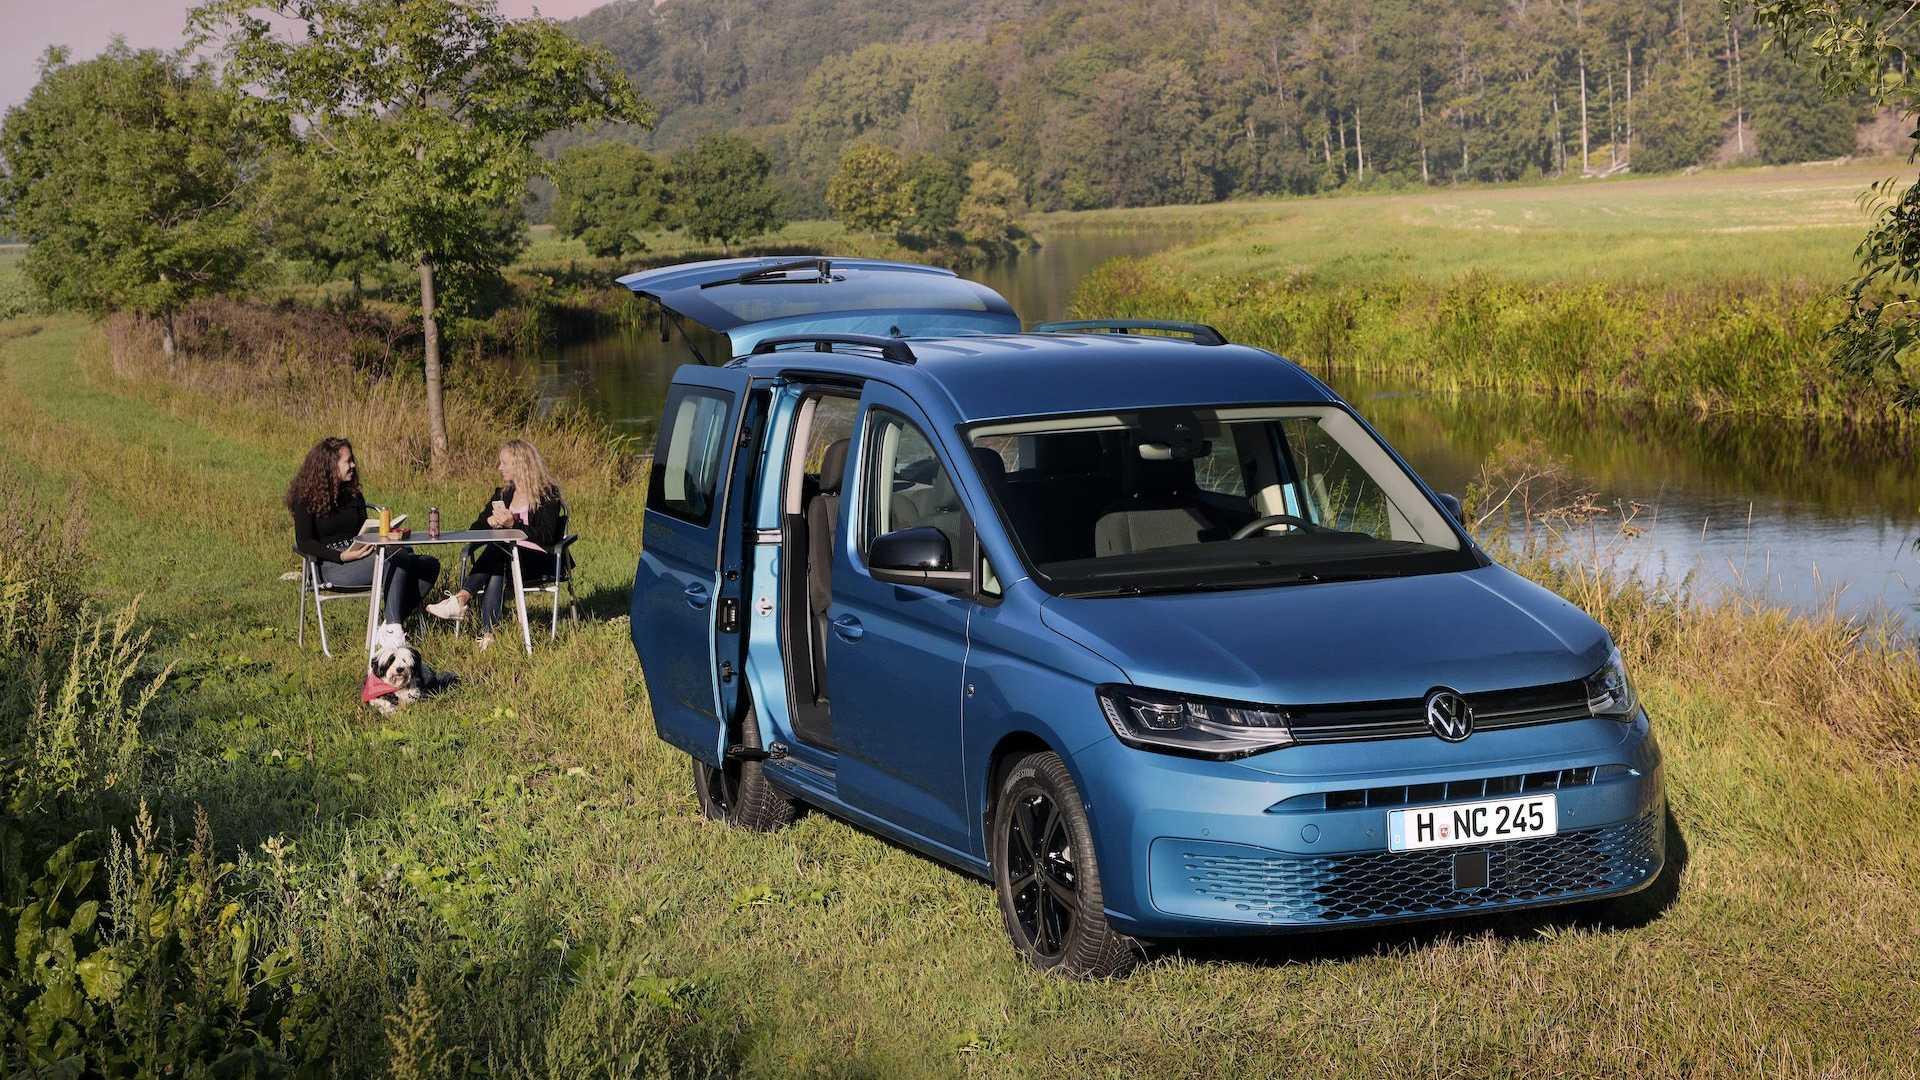 Volkswagen-Caddy-California-4